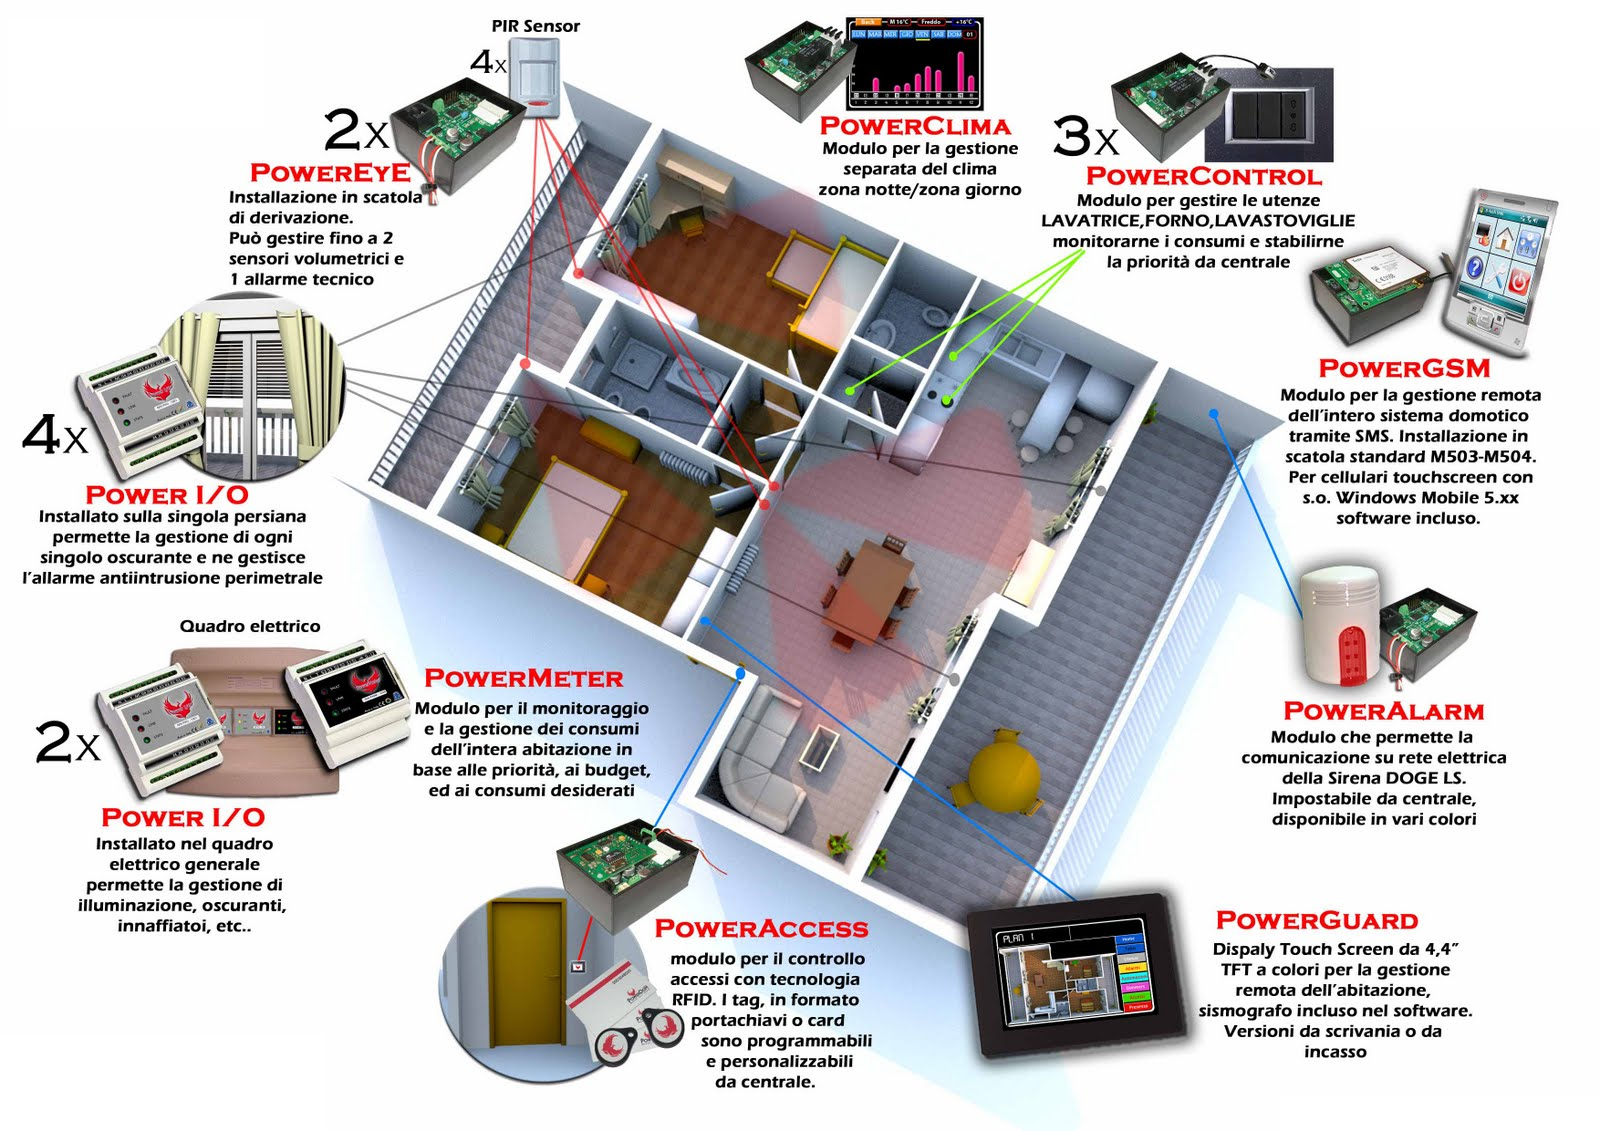 Schema Elettrico Dwg : Esempio progetto impianto elettrico abitazione beautiful progetto